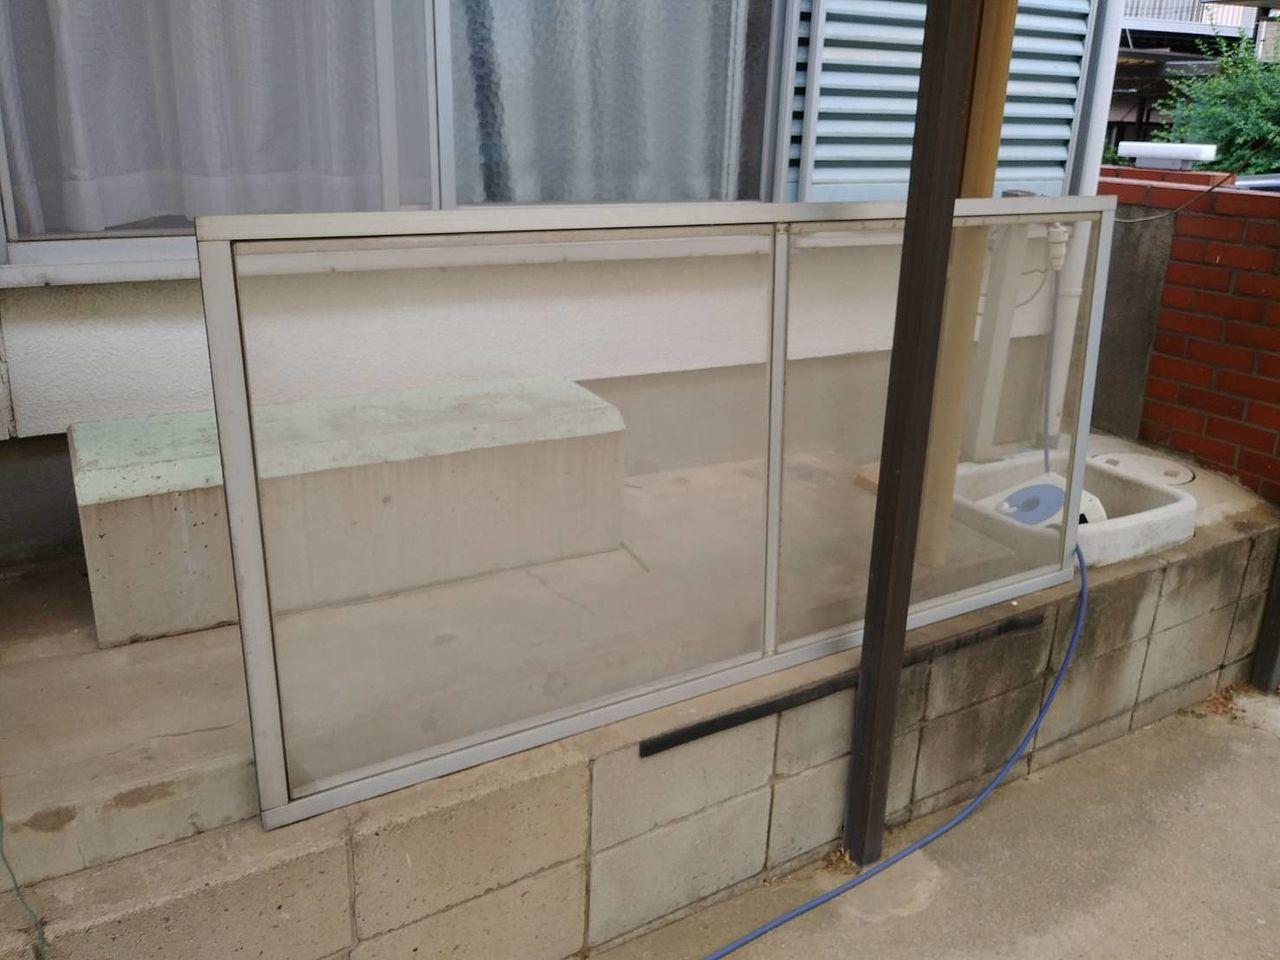 住宅の開口部(引き違い窓・戸の枠)は、経年により歪みが生じてしまい、サッシ窓などの調整では対応できなくなる場合もあります。